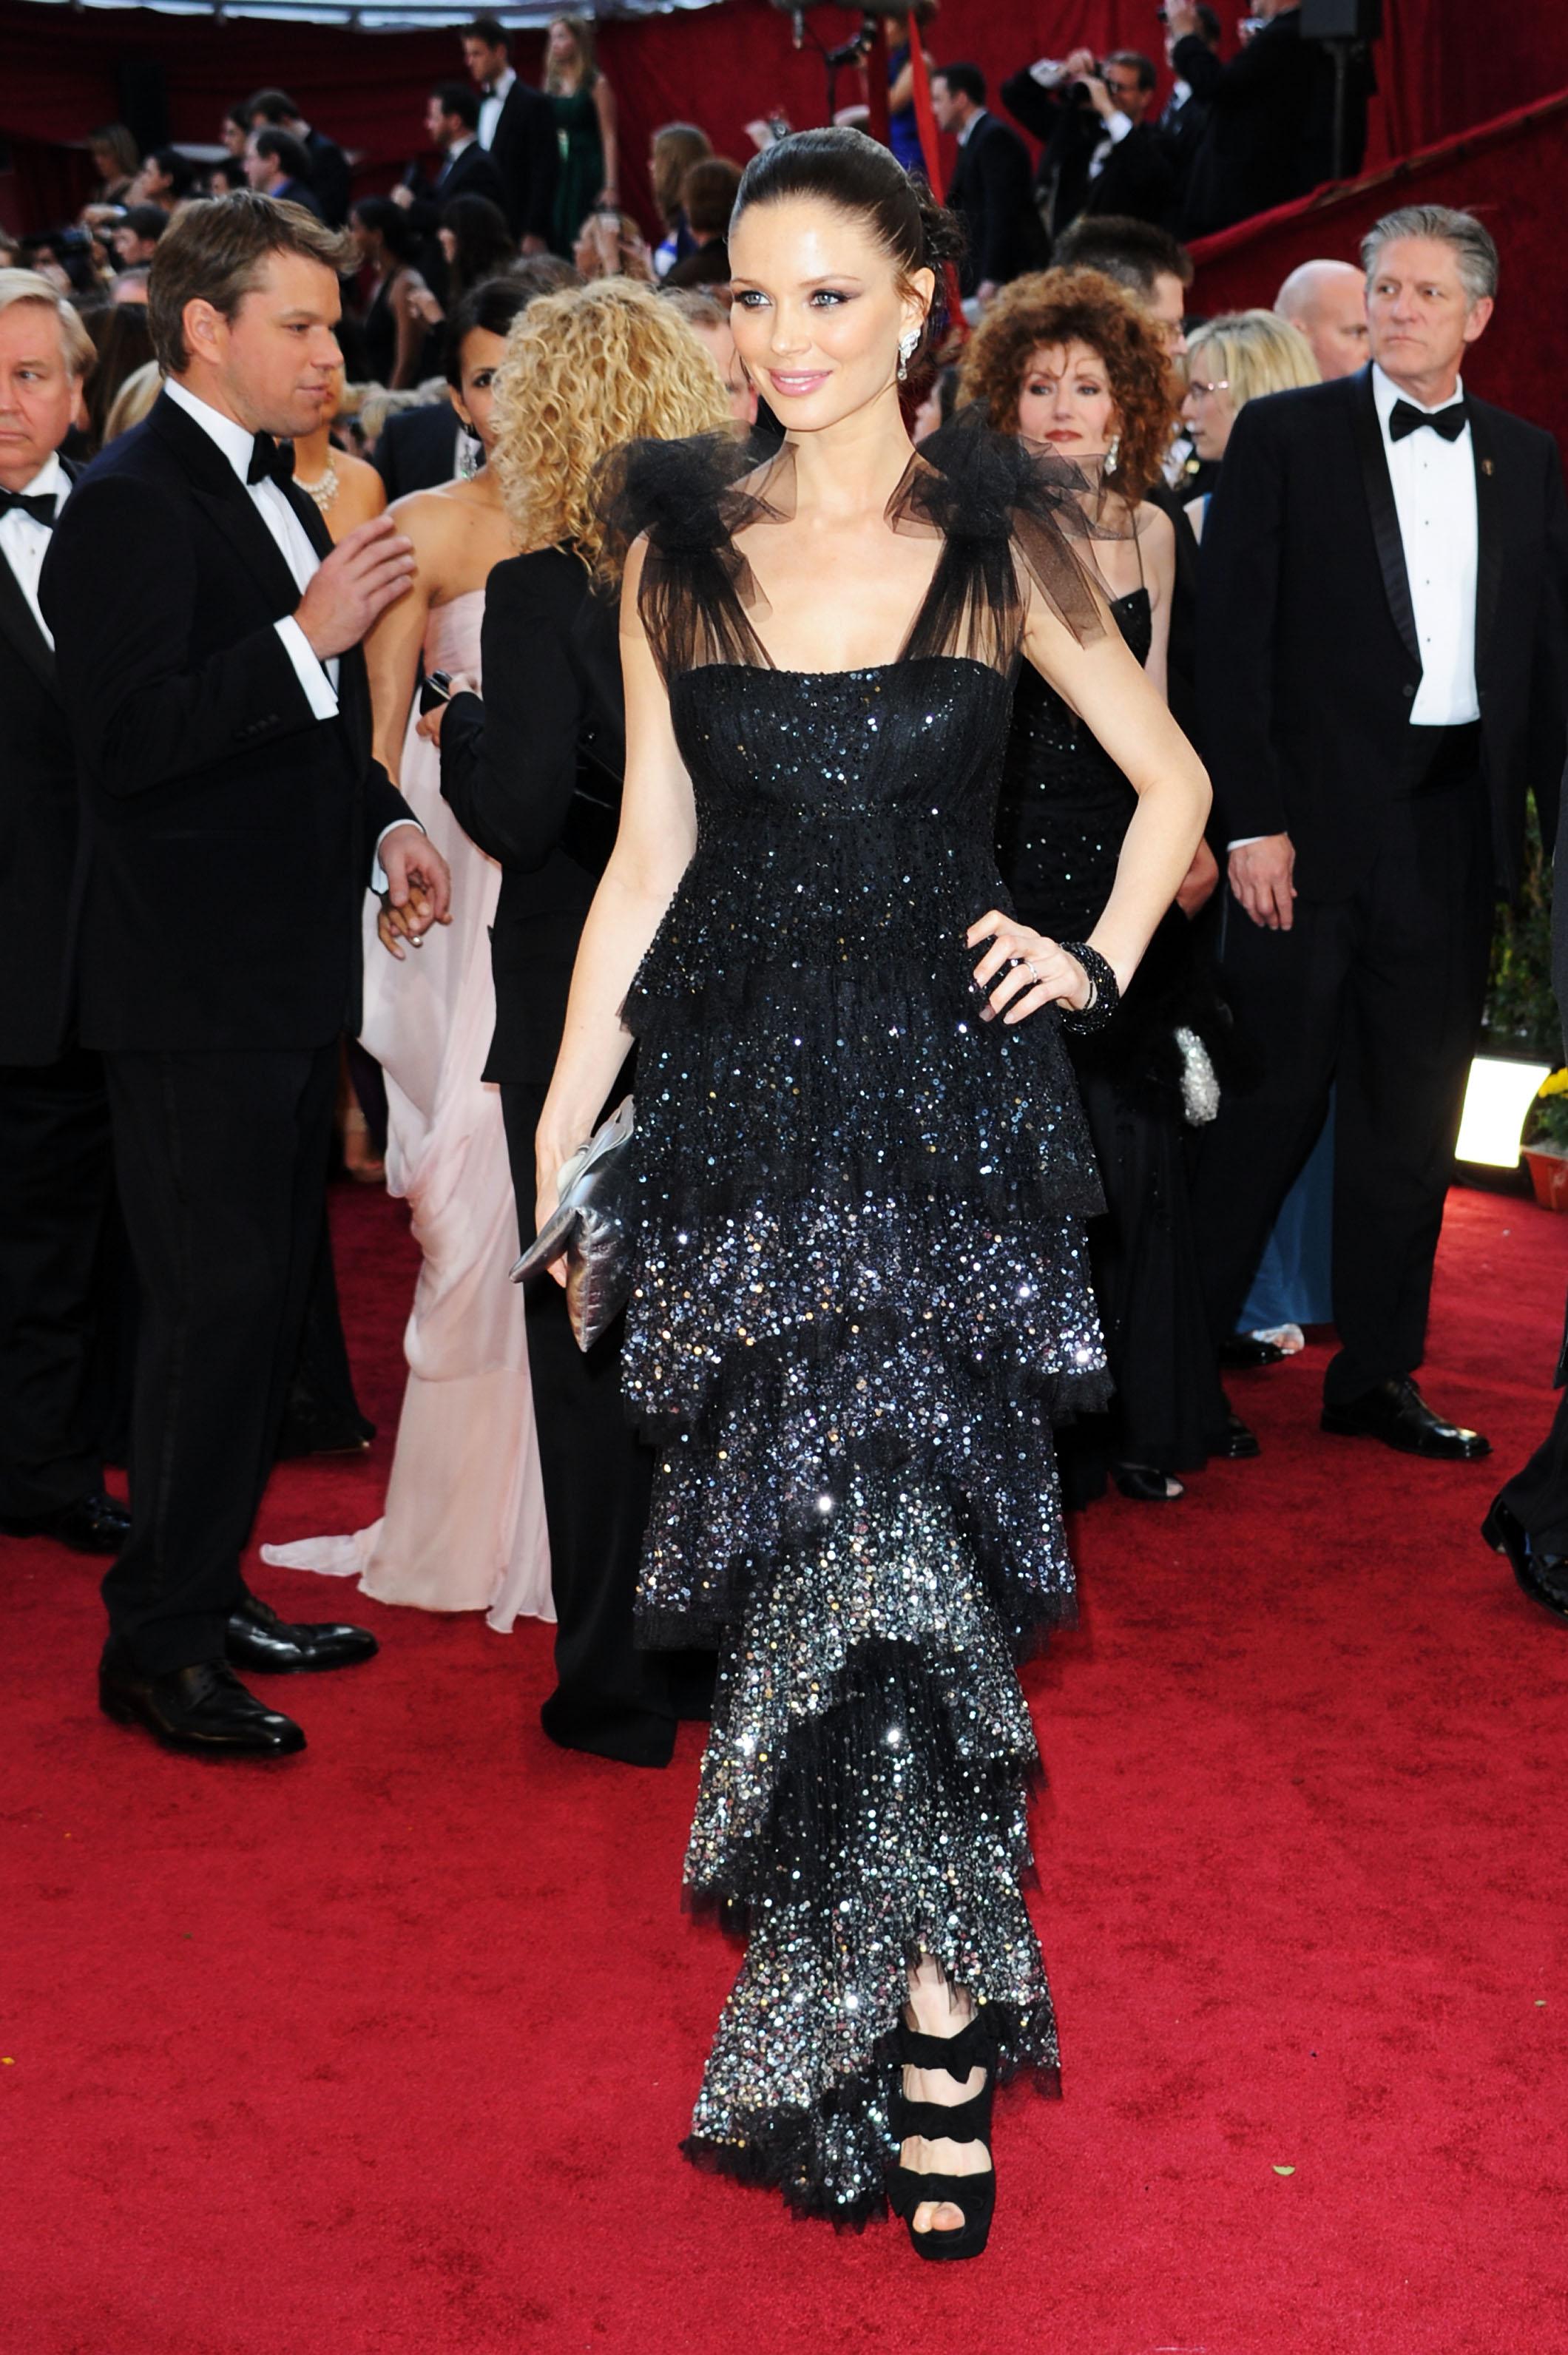 Oscars Fug Carpet Georgina Chapman  Go Fug Yourself